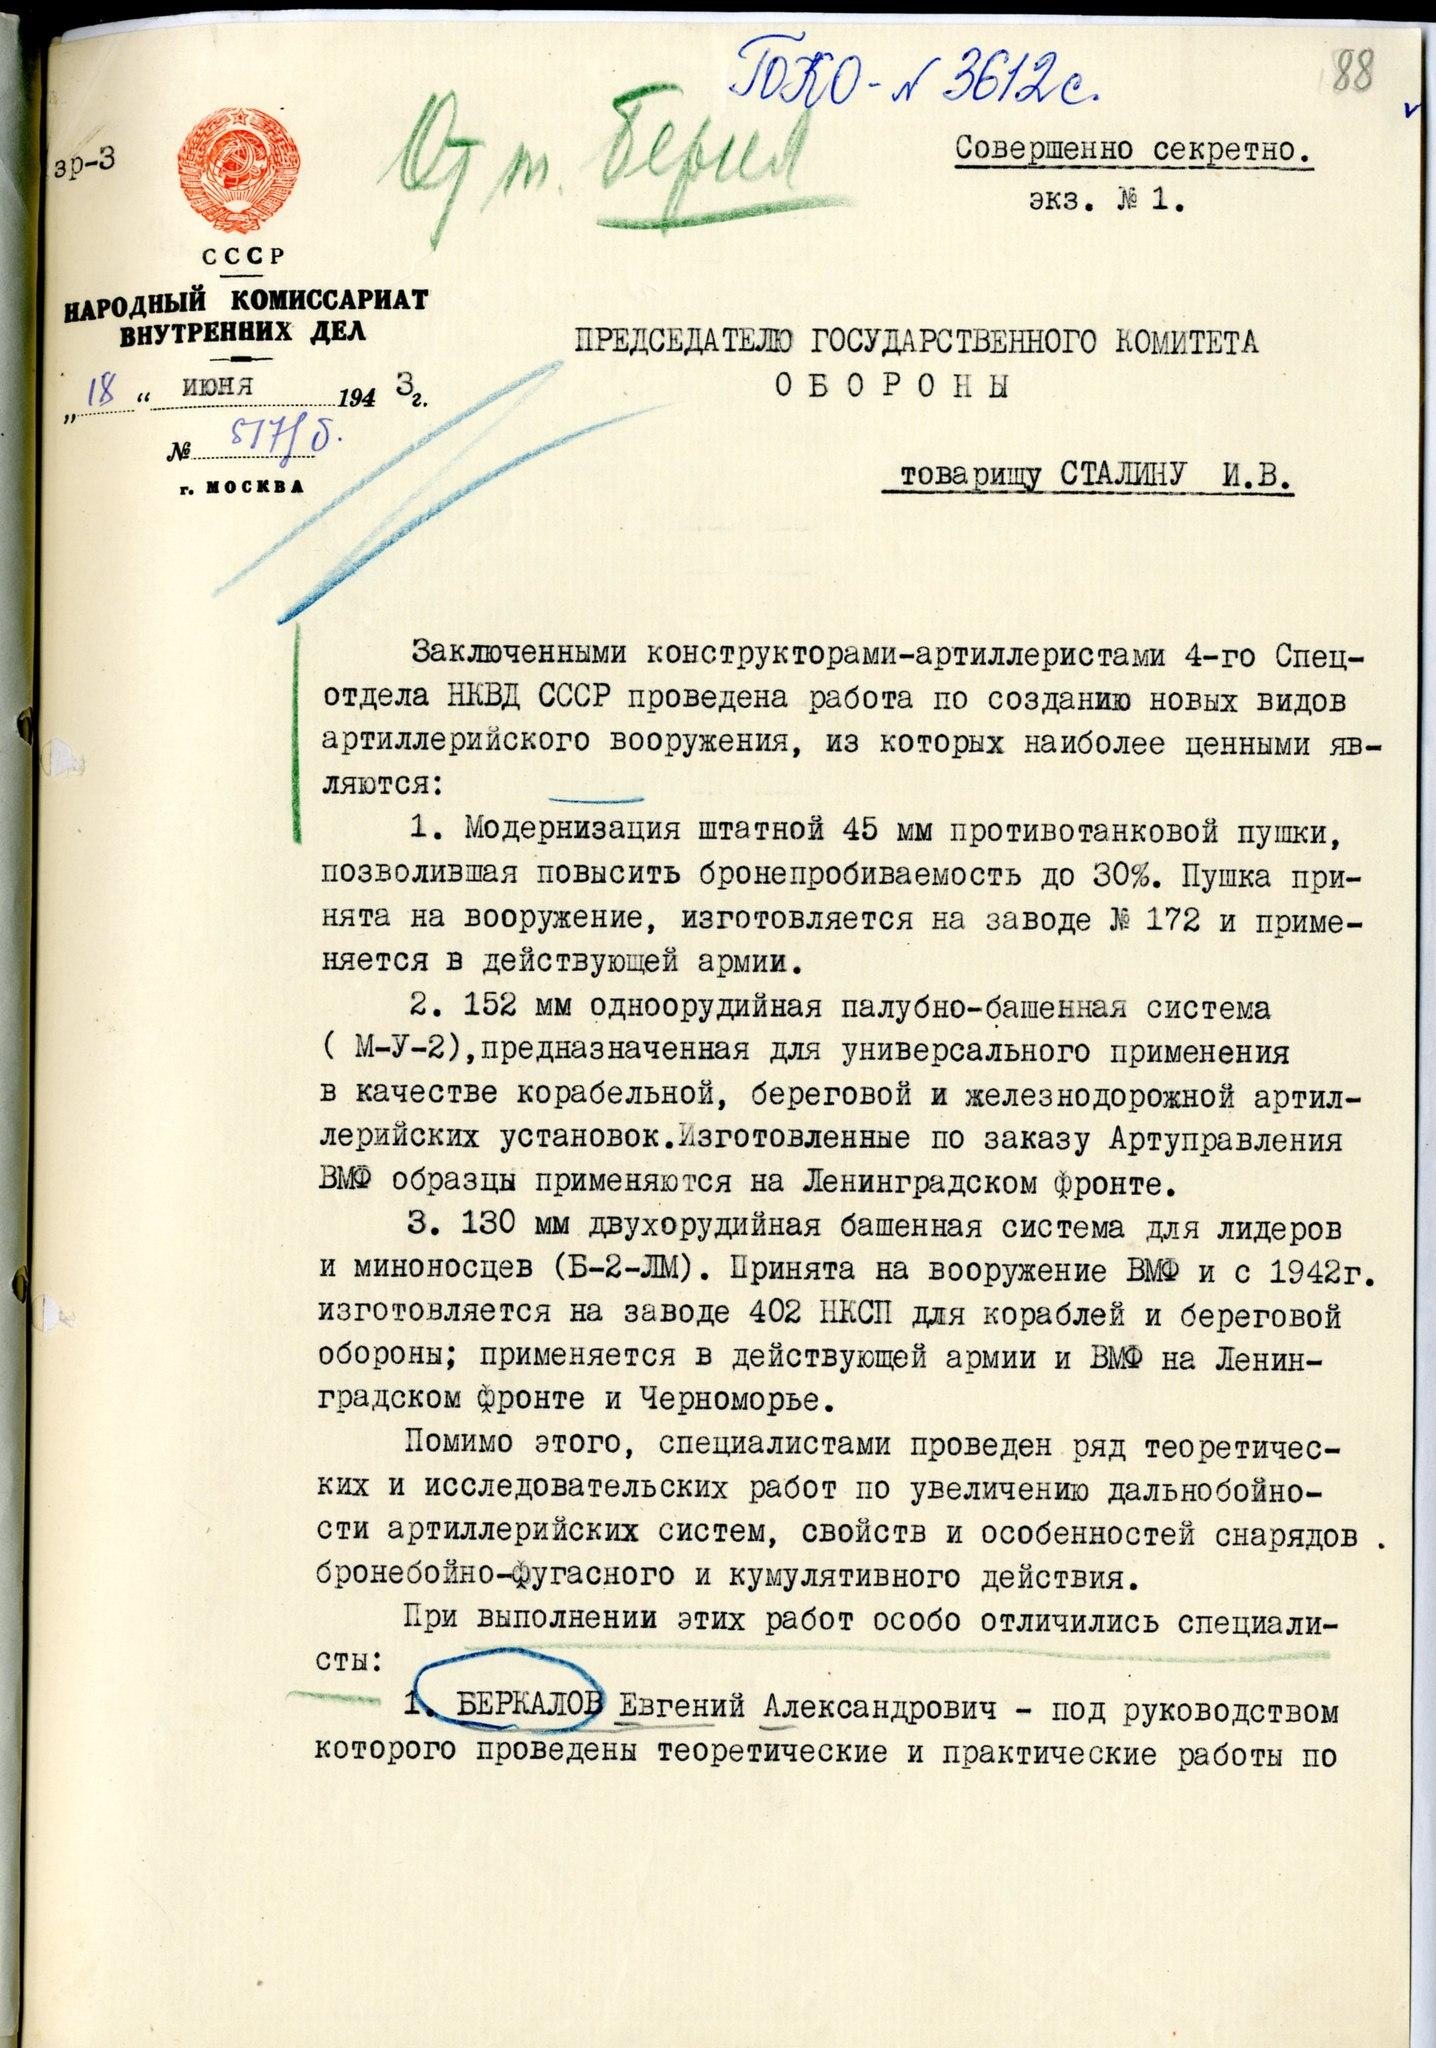 Через шарашки прошли многие выдающиеся советские учёные и конструкторы. Основным направлением ОТБ была разработка военной и специальной (используемой спецслужбами) техники. Множество новых моделей военной техники и вооружений в СССР были созданы заключёнными шарашек